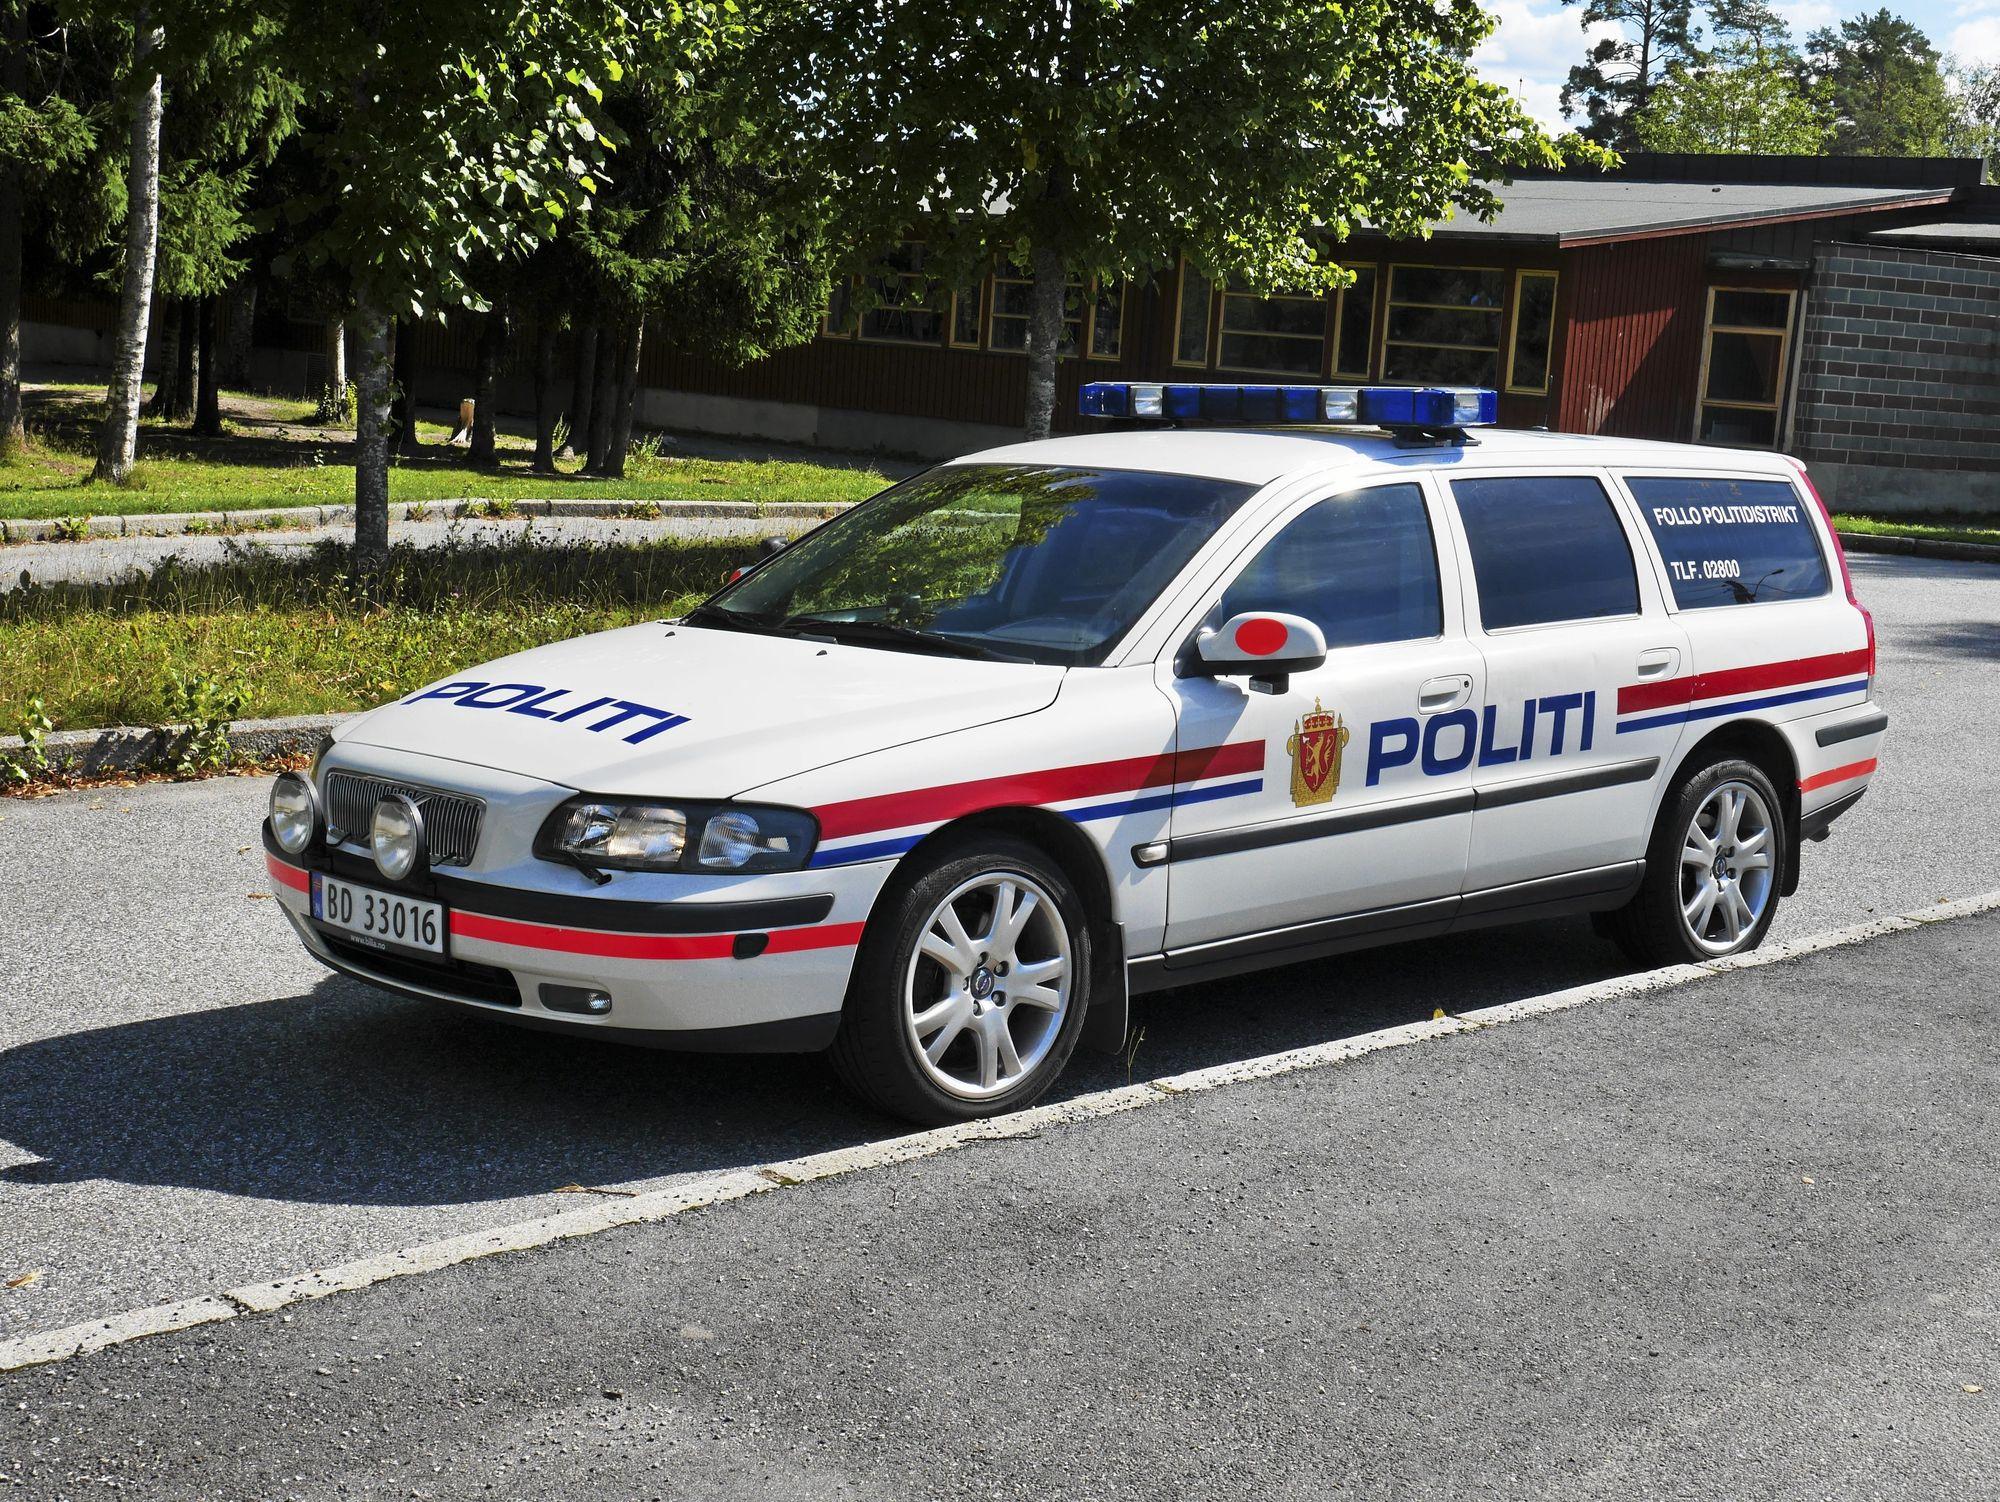 PÅ PATRULJE: Denne og andre politibiler vil bli å se rundt skoleveiene våre i tiden som kommer.